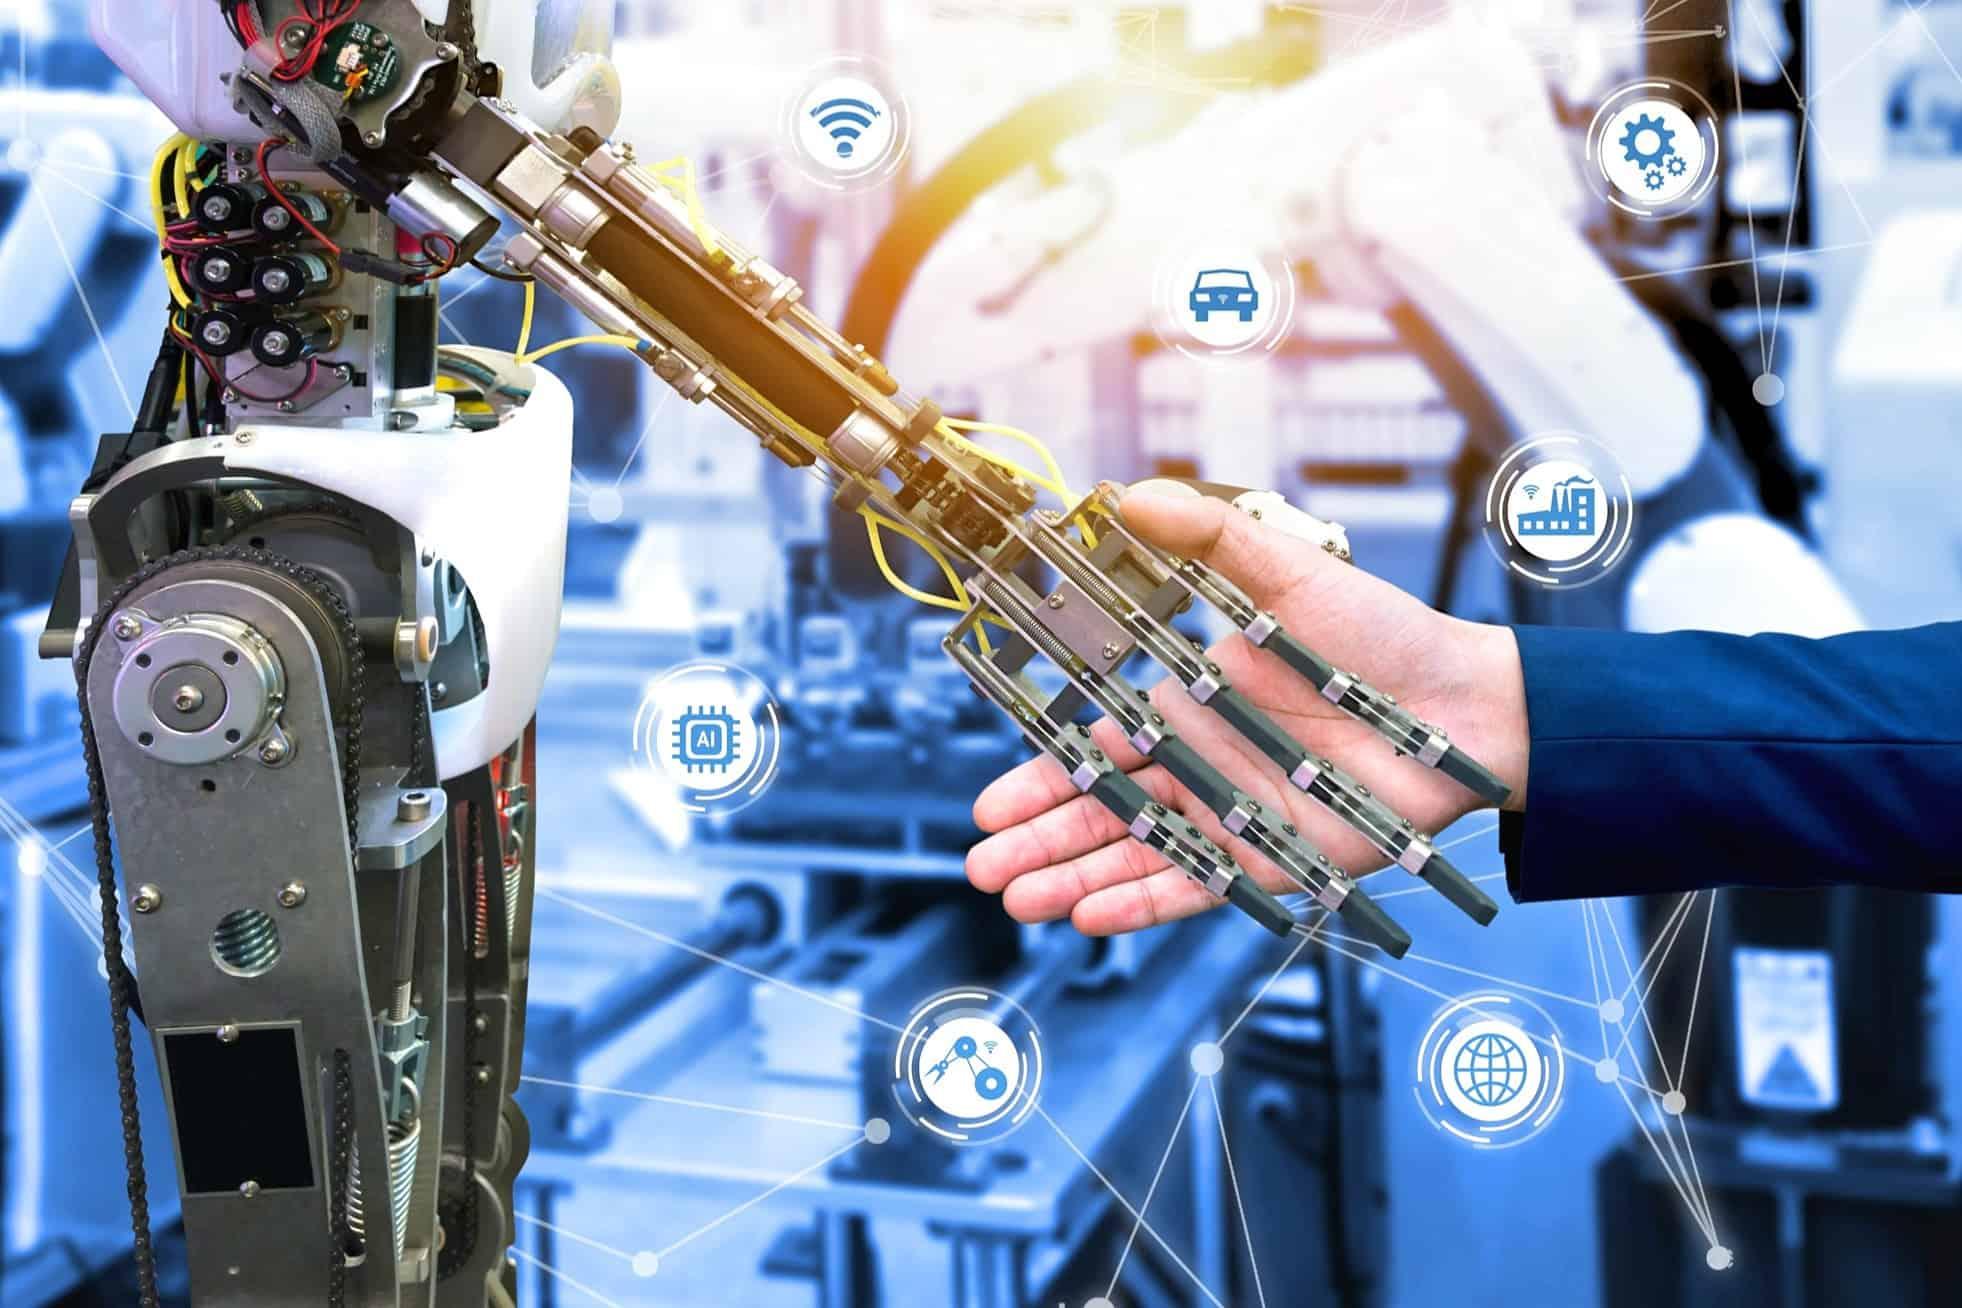 setor para investir indústria 4.0: mão humana cumprimenta robô